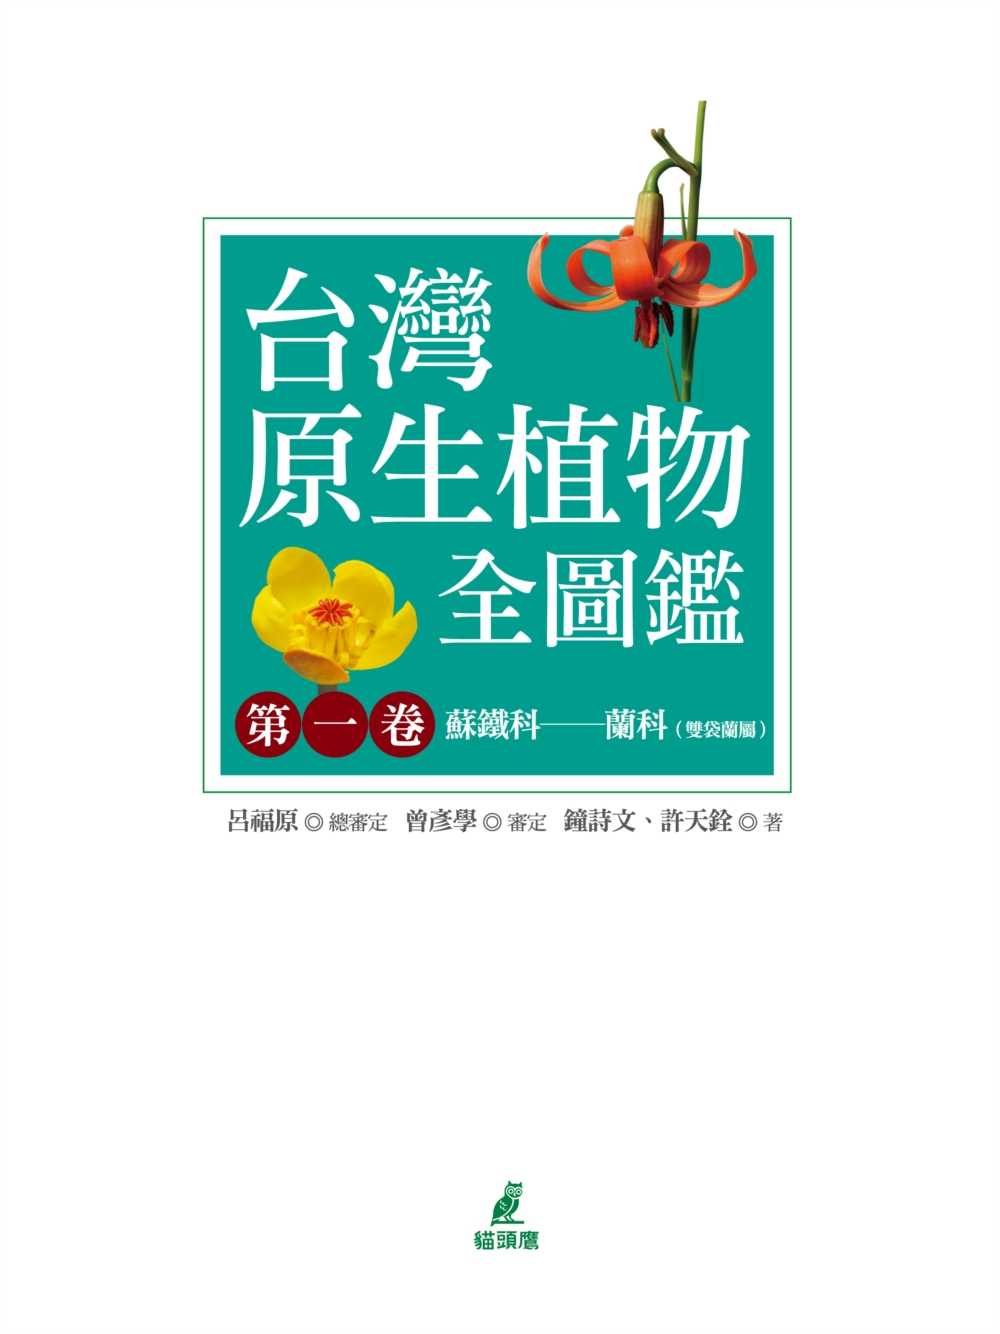 http://im2.book.com.tw/image/getImage?i=http://www.books.com.tw/img/001/074/50/0010745089_b_01.jpg&v=5957227d&w=655&h=609